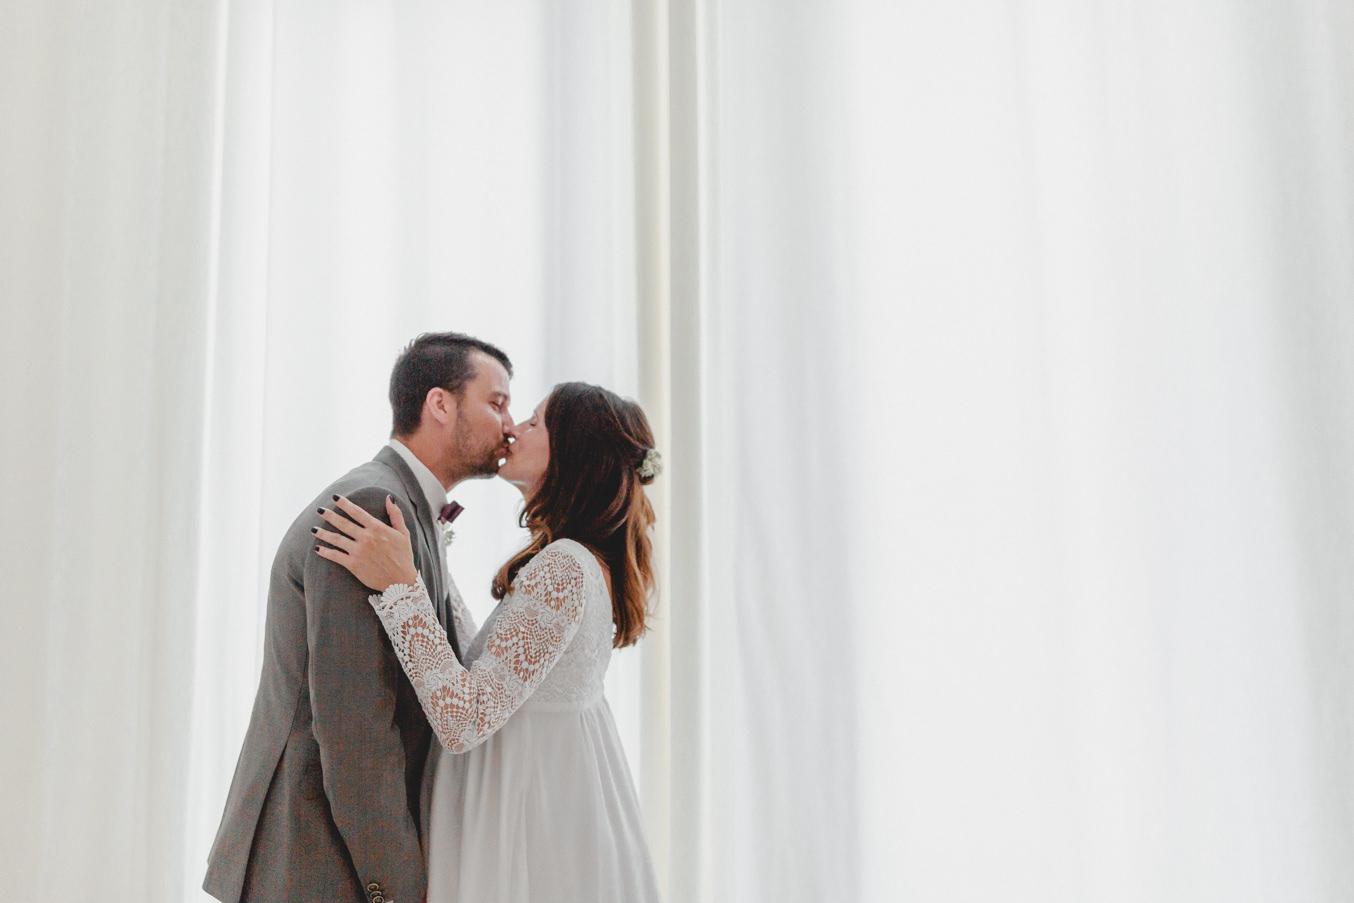 Hochzeitsvideo_Bina_Terre_134722